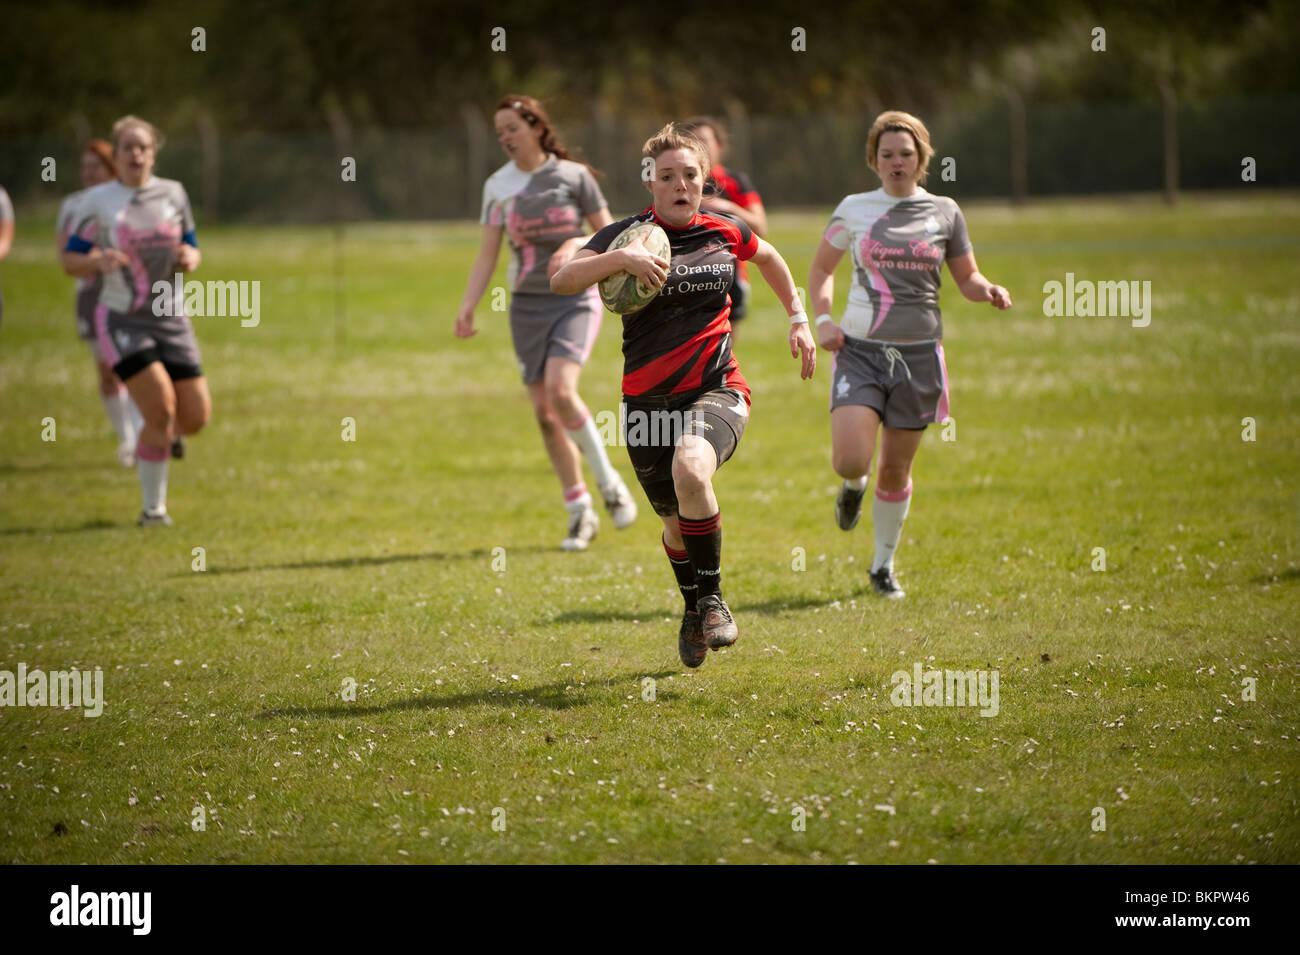 Les étudiantes de l'université d'Aberystwyth en compétition dans un tournoi de rugby à Photo Stock